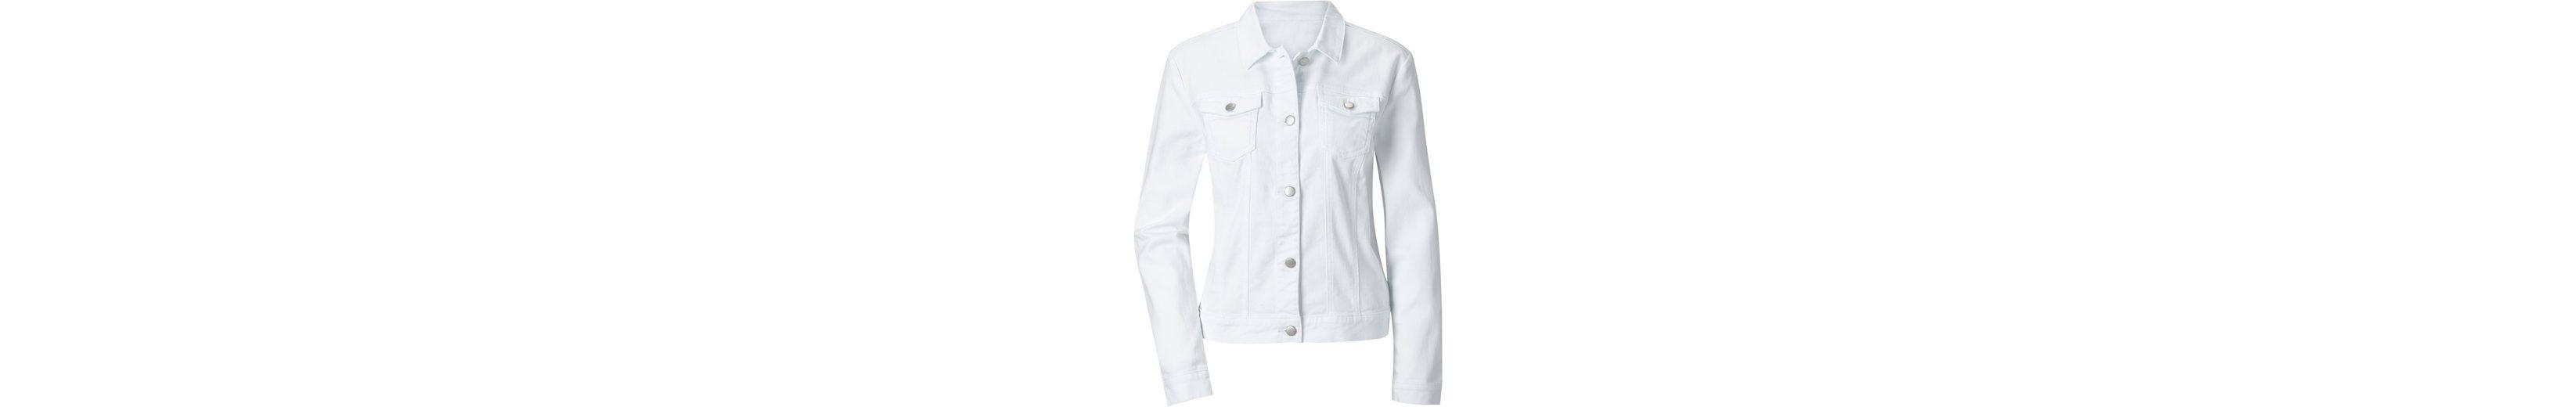 Ambria Jeansblazer mit typischem Hemdkragen Bestes Geschäft Zu Bekommen Qnc3JgGZ